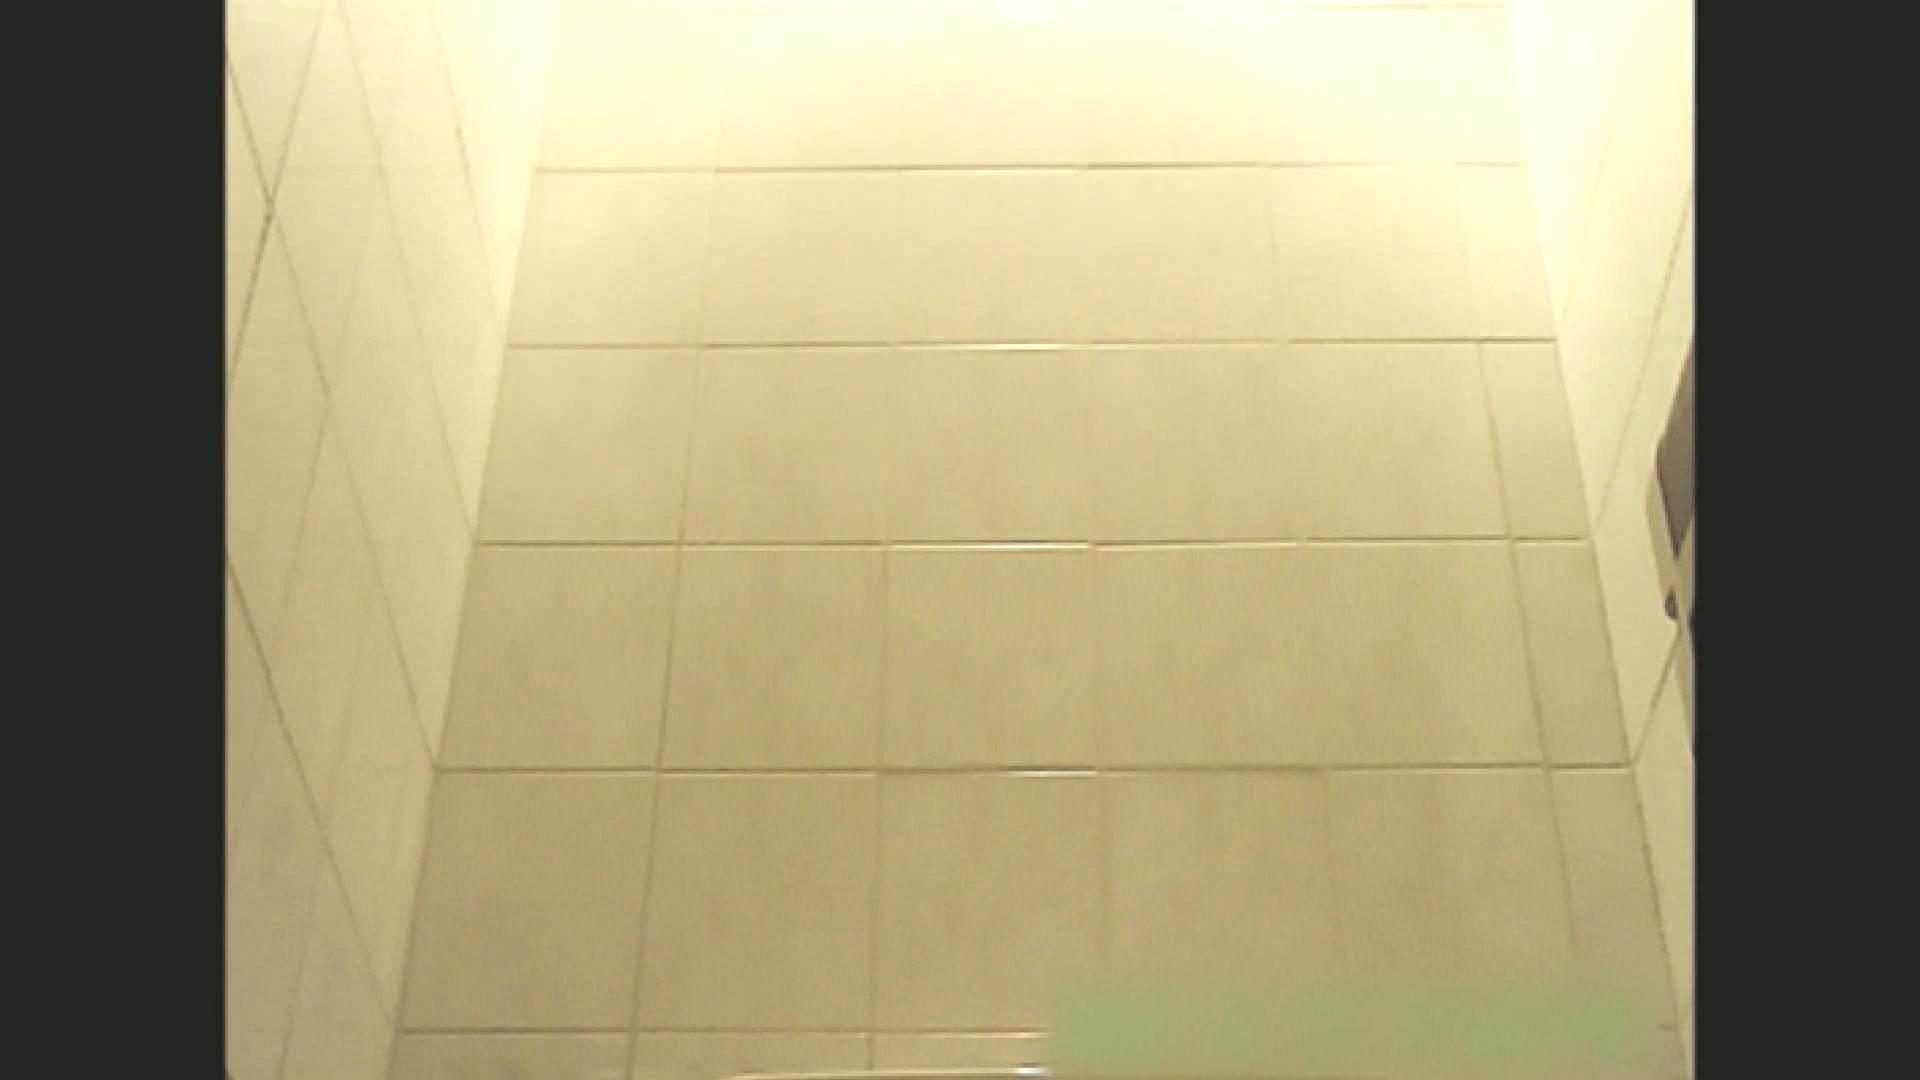 実録!!綺麗なお姉さんのトイレ事情・・・。vol.15 トイレ突入 エロ無料画像 96pic 22